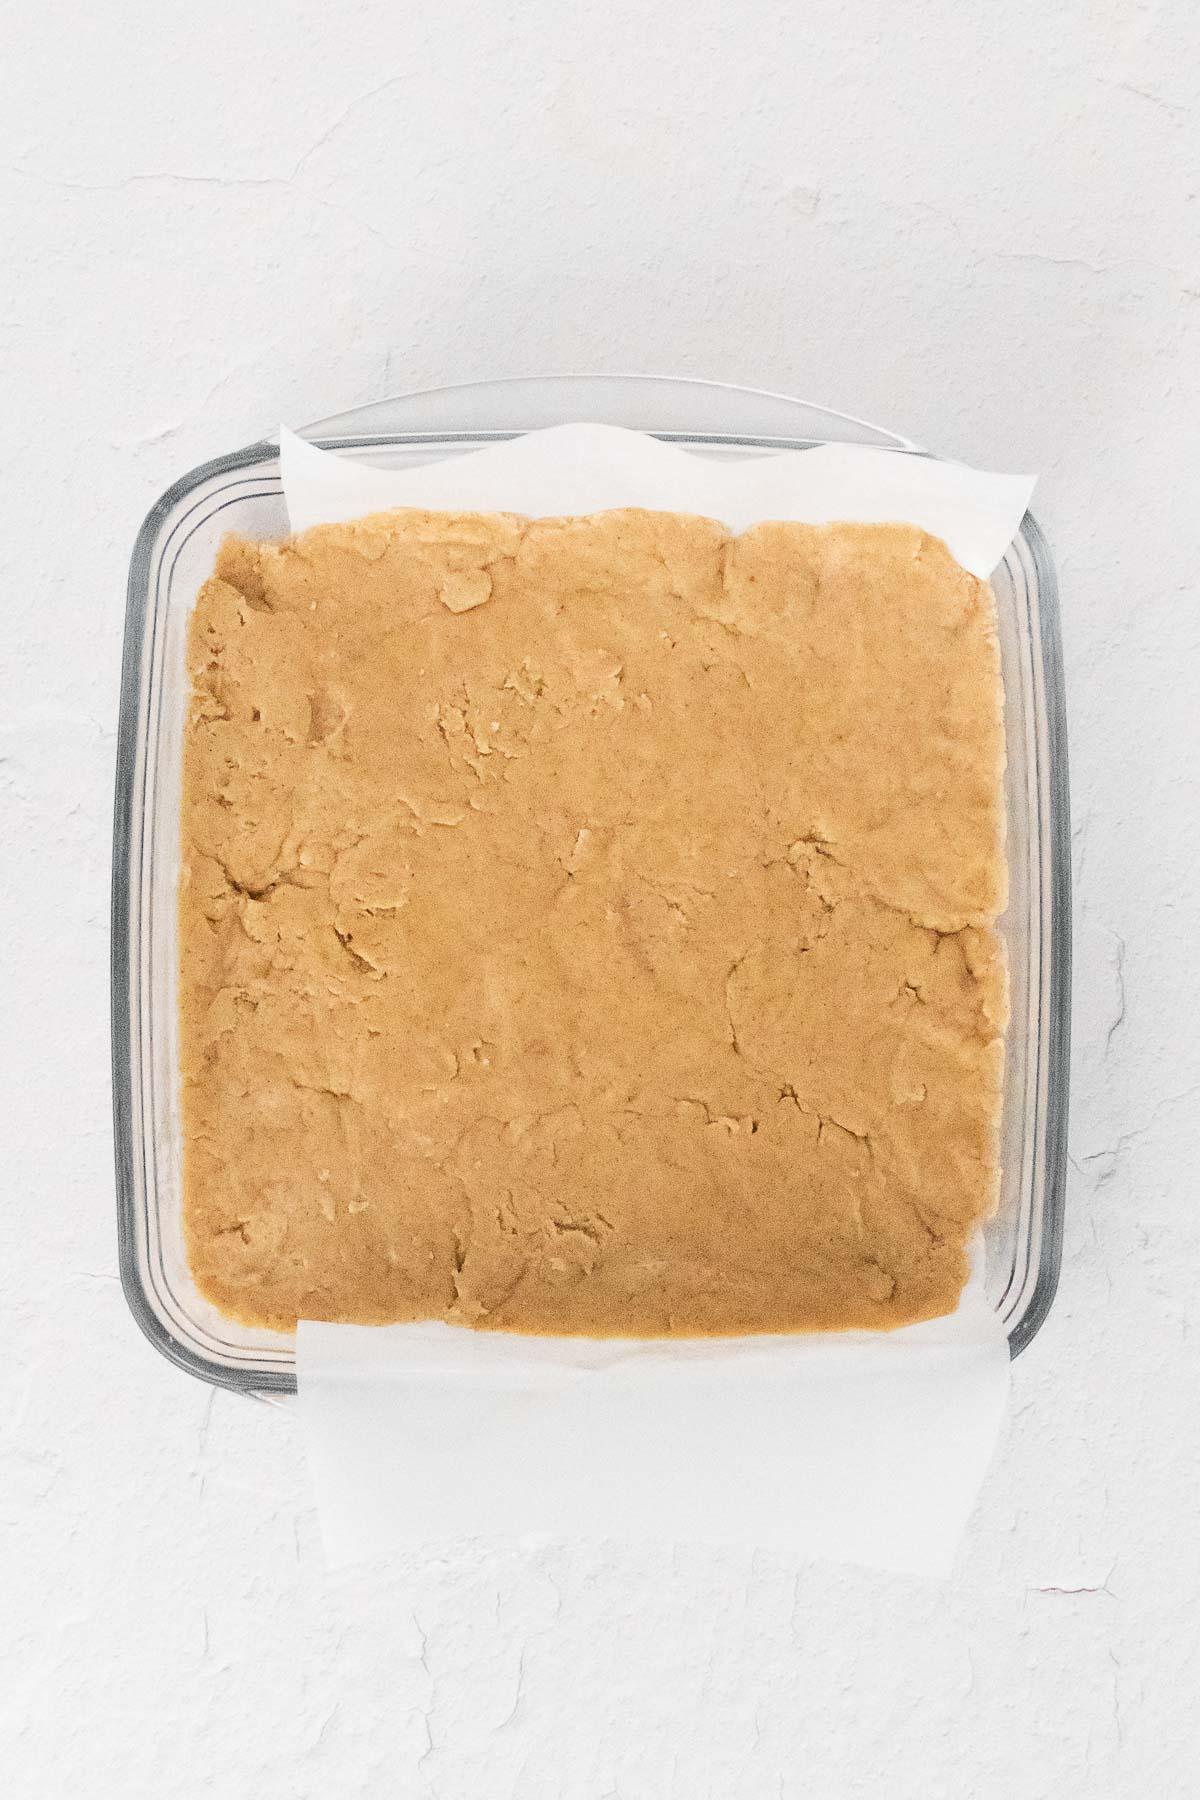 shortbread dough pressend into a square baking dish